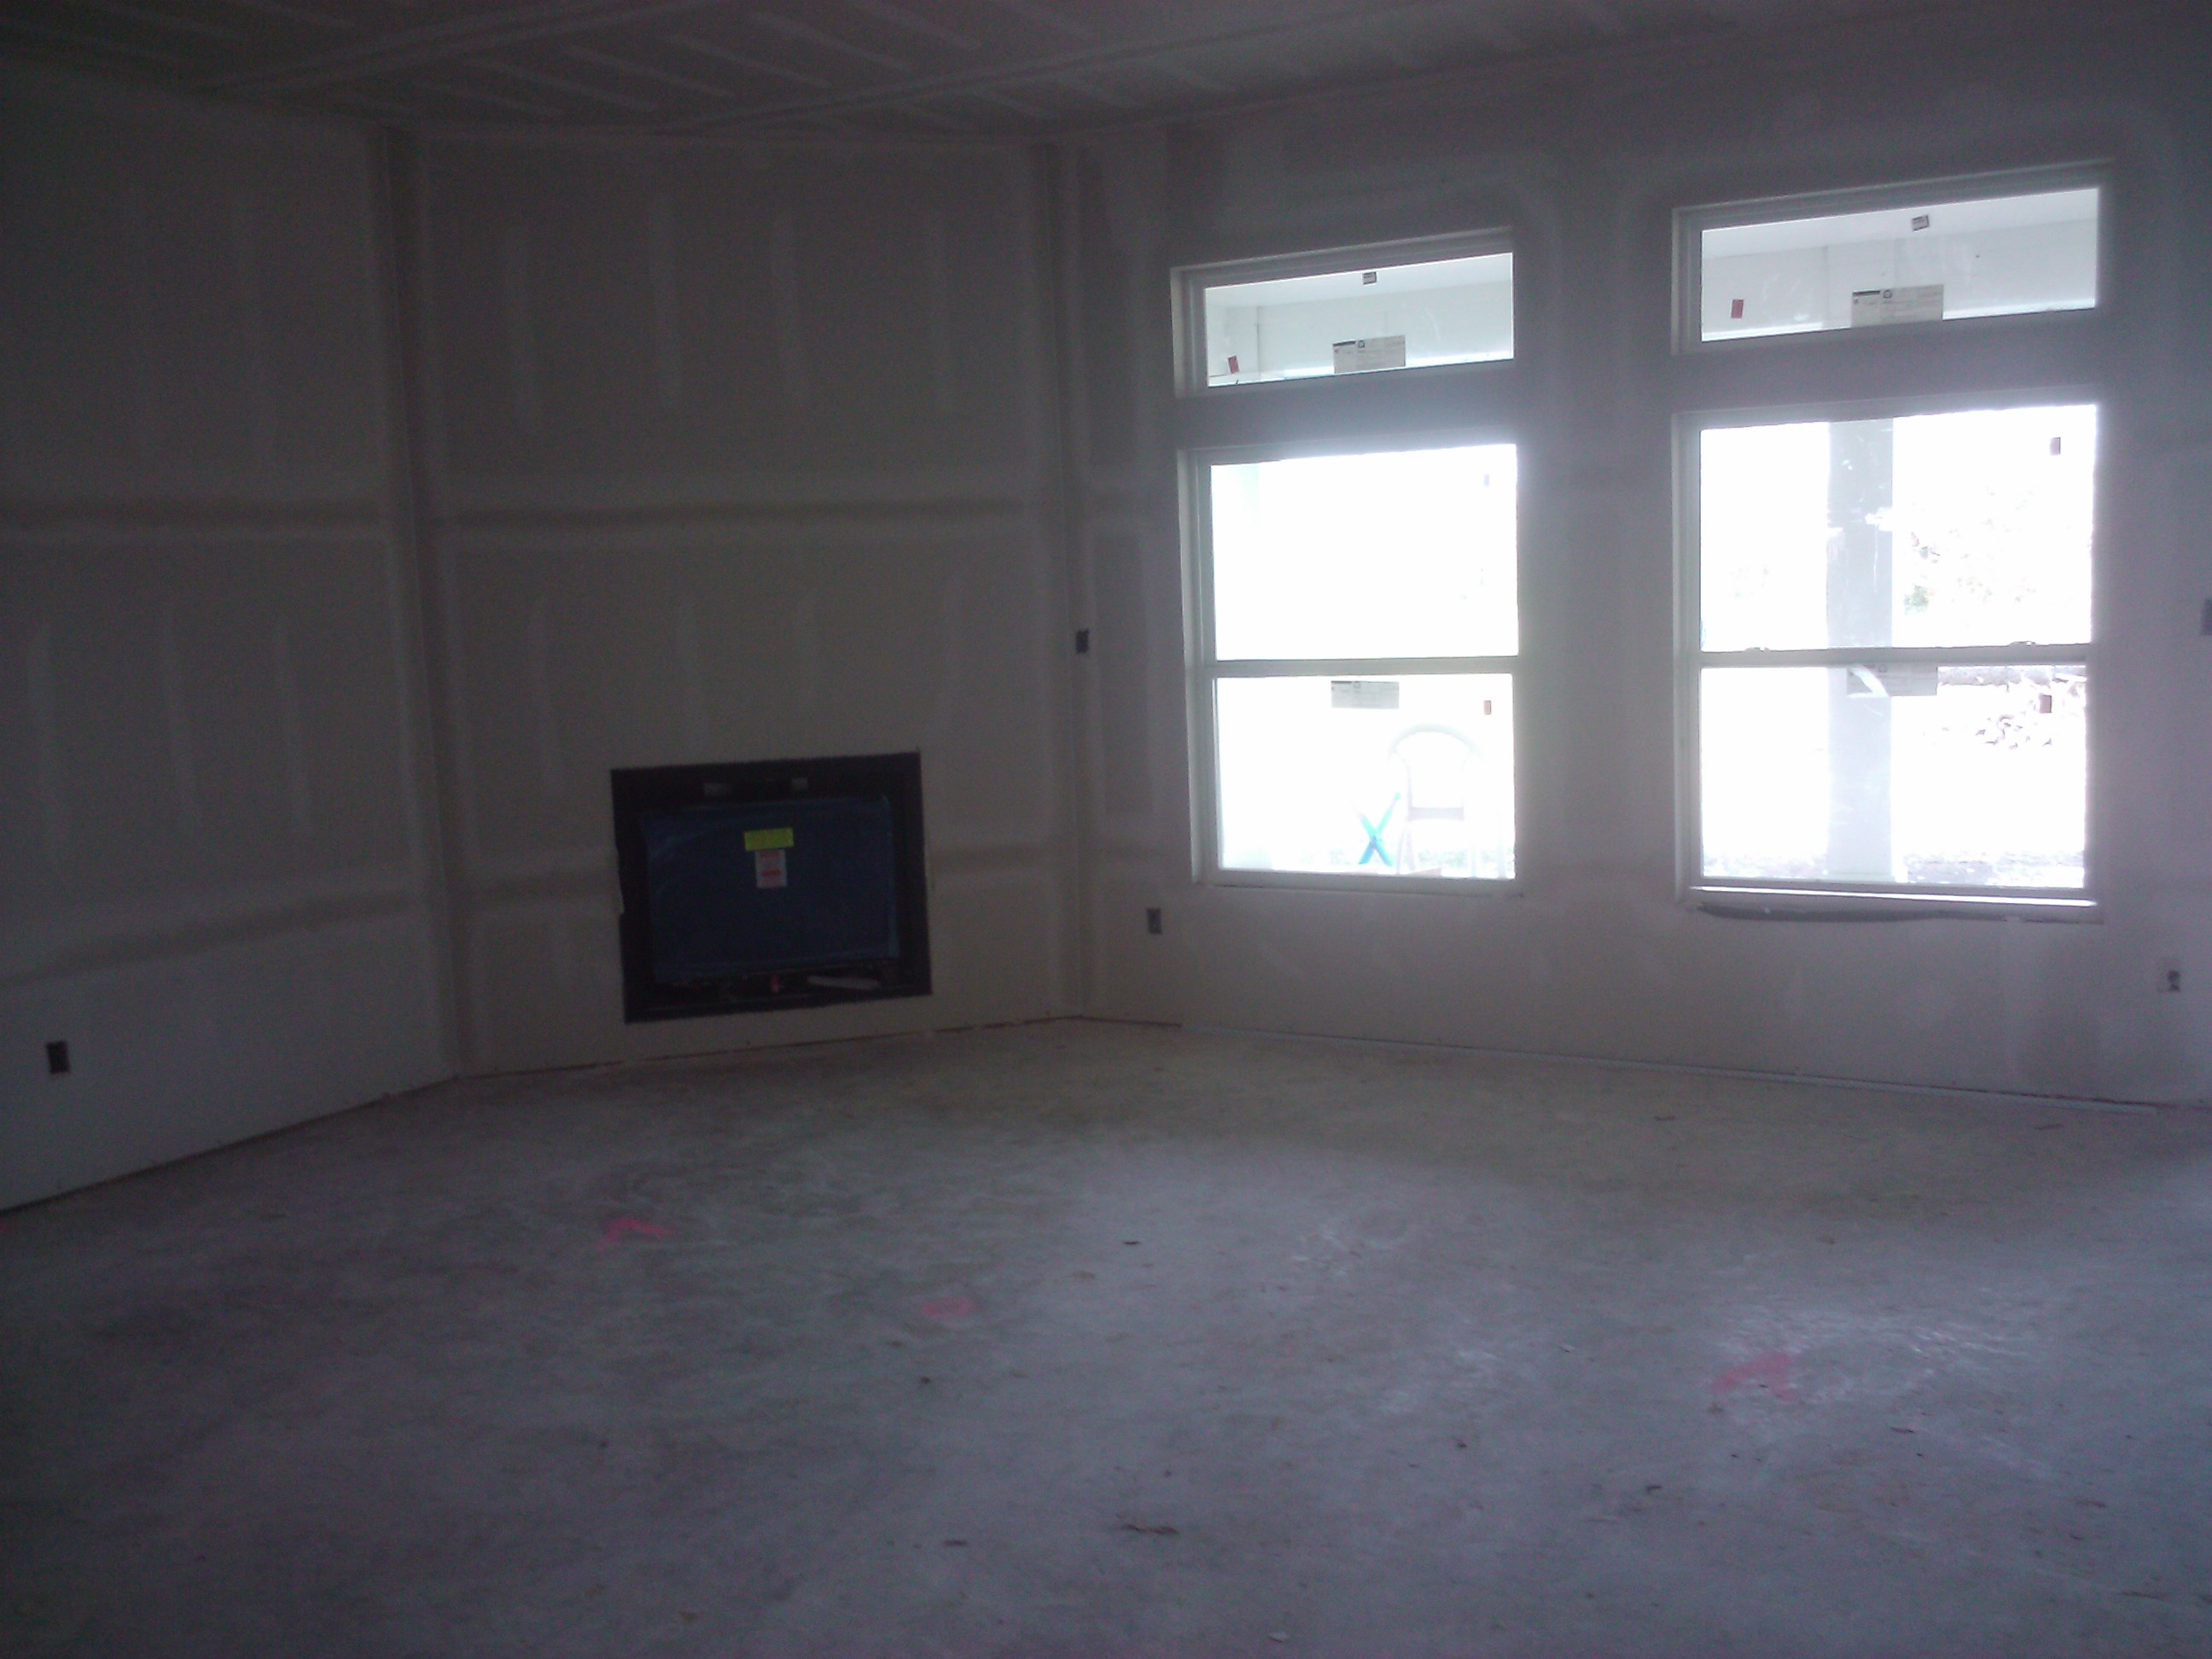 CONSTRUCTION PICS-120911 052